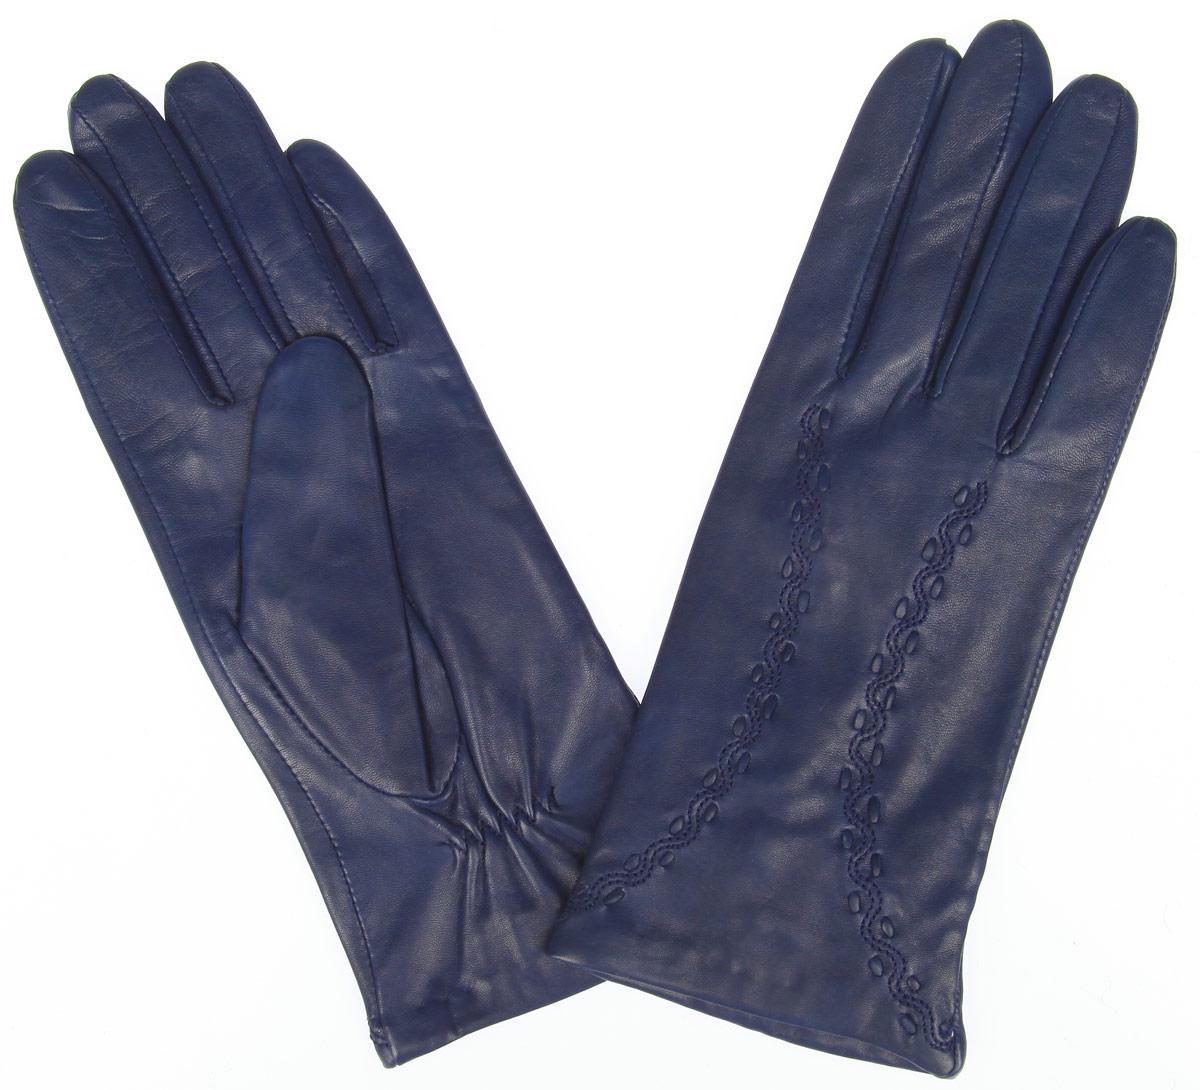 Перчатки женские. 2.62.6-11s blueСтильные женские перчатки Fabretti не только защитят ваши руки от холода, но и станут великолепным украшением. Перчатки выполнены из эфиопский кожи ягненка с подкладкой из шерсти и кашемира. Модель декорирована оригинальной прострочкой. В настоящее время перчатки являются неотъемлемой частью гардероба, вместе с этим аксессуаром вы обретаете женственность и элегантность. Перчатки станут завершающим и подчеркивающим элементом вашего стиля и неповторимости.